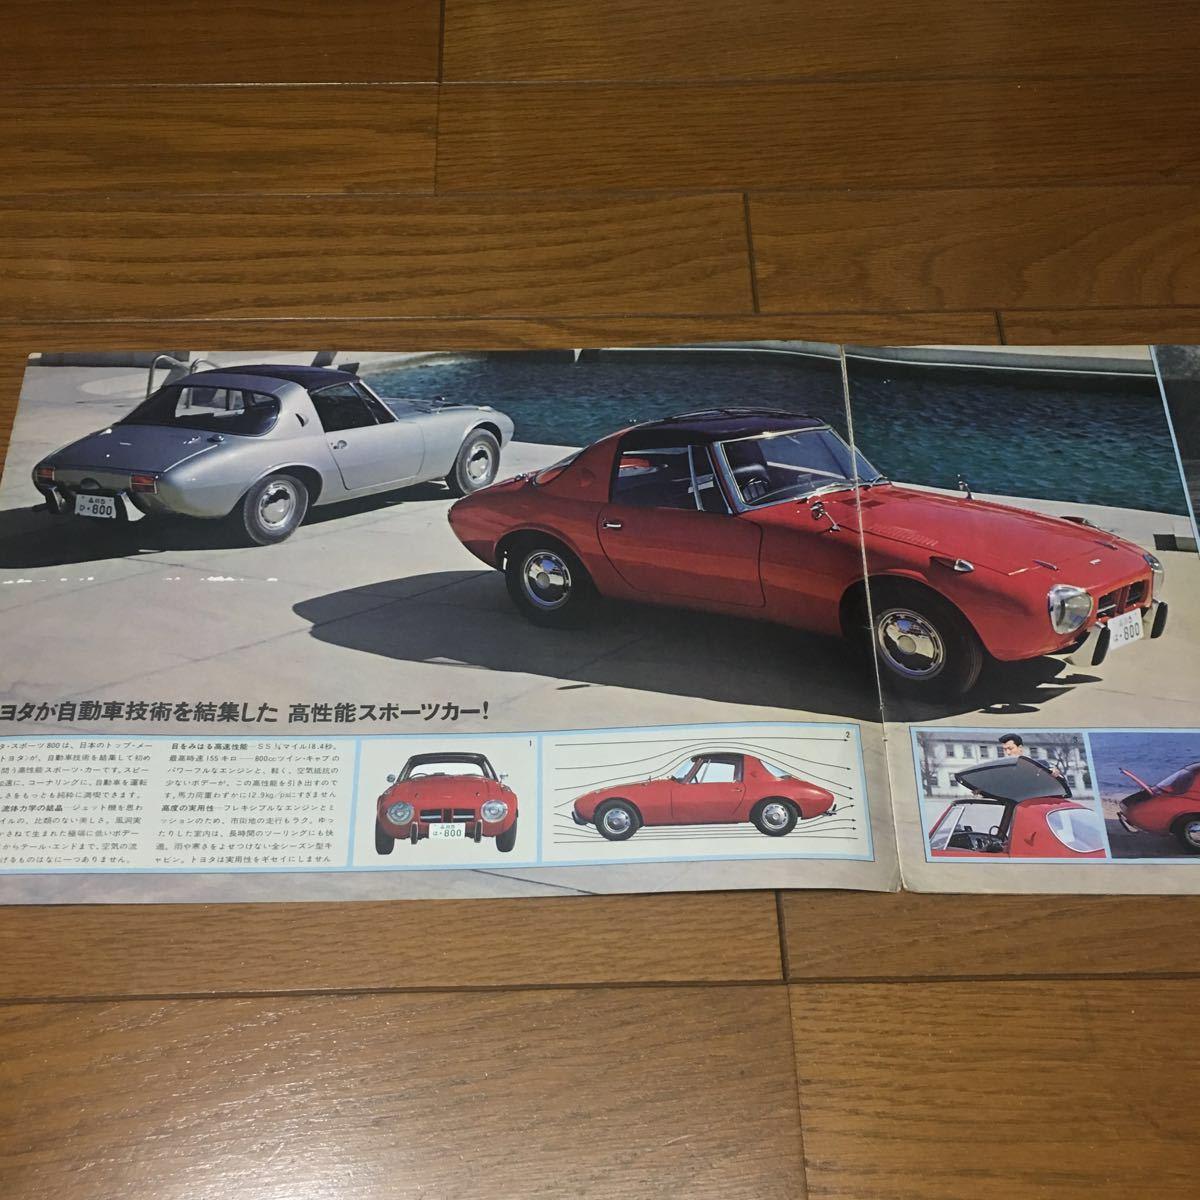 復刻版ではございません 絶版 旧車カタログ トヨタ スポーツ800 ヨタハチ 当時物 昭和 希少 貴重 美品_画像2